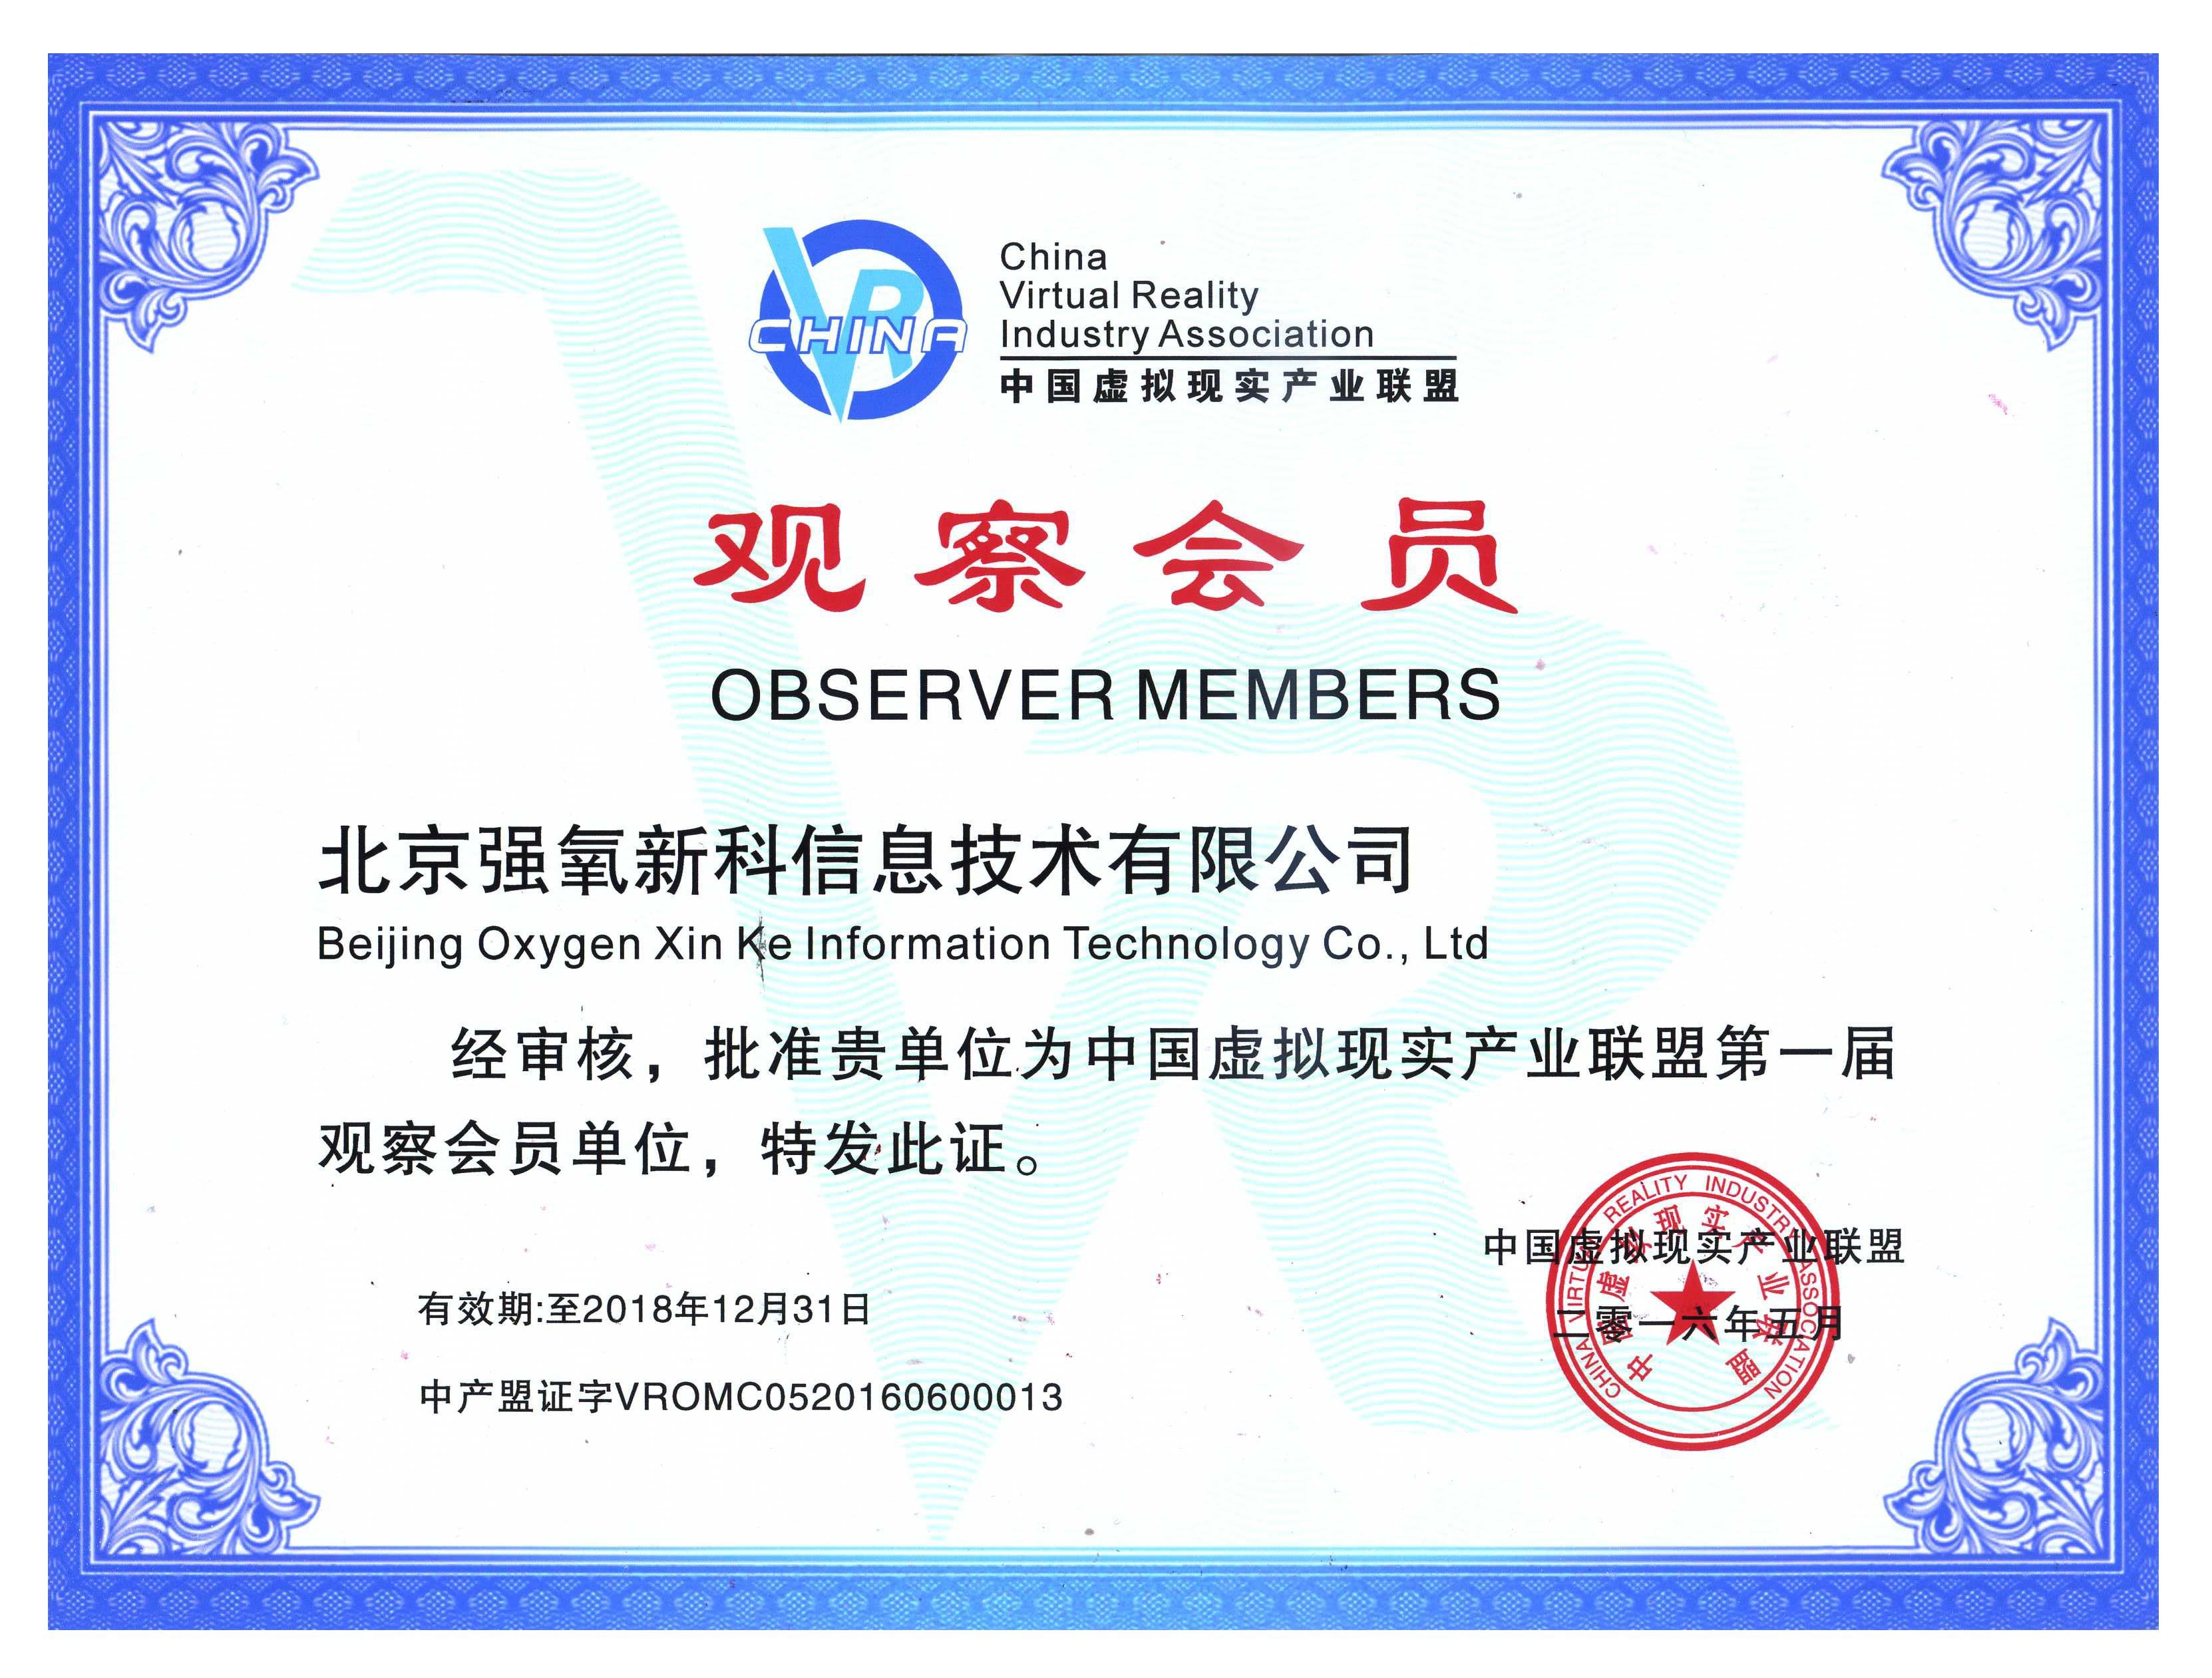 中国虚拟现实产业联盟第一届观察会员单位